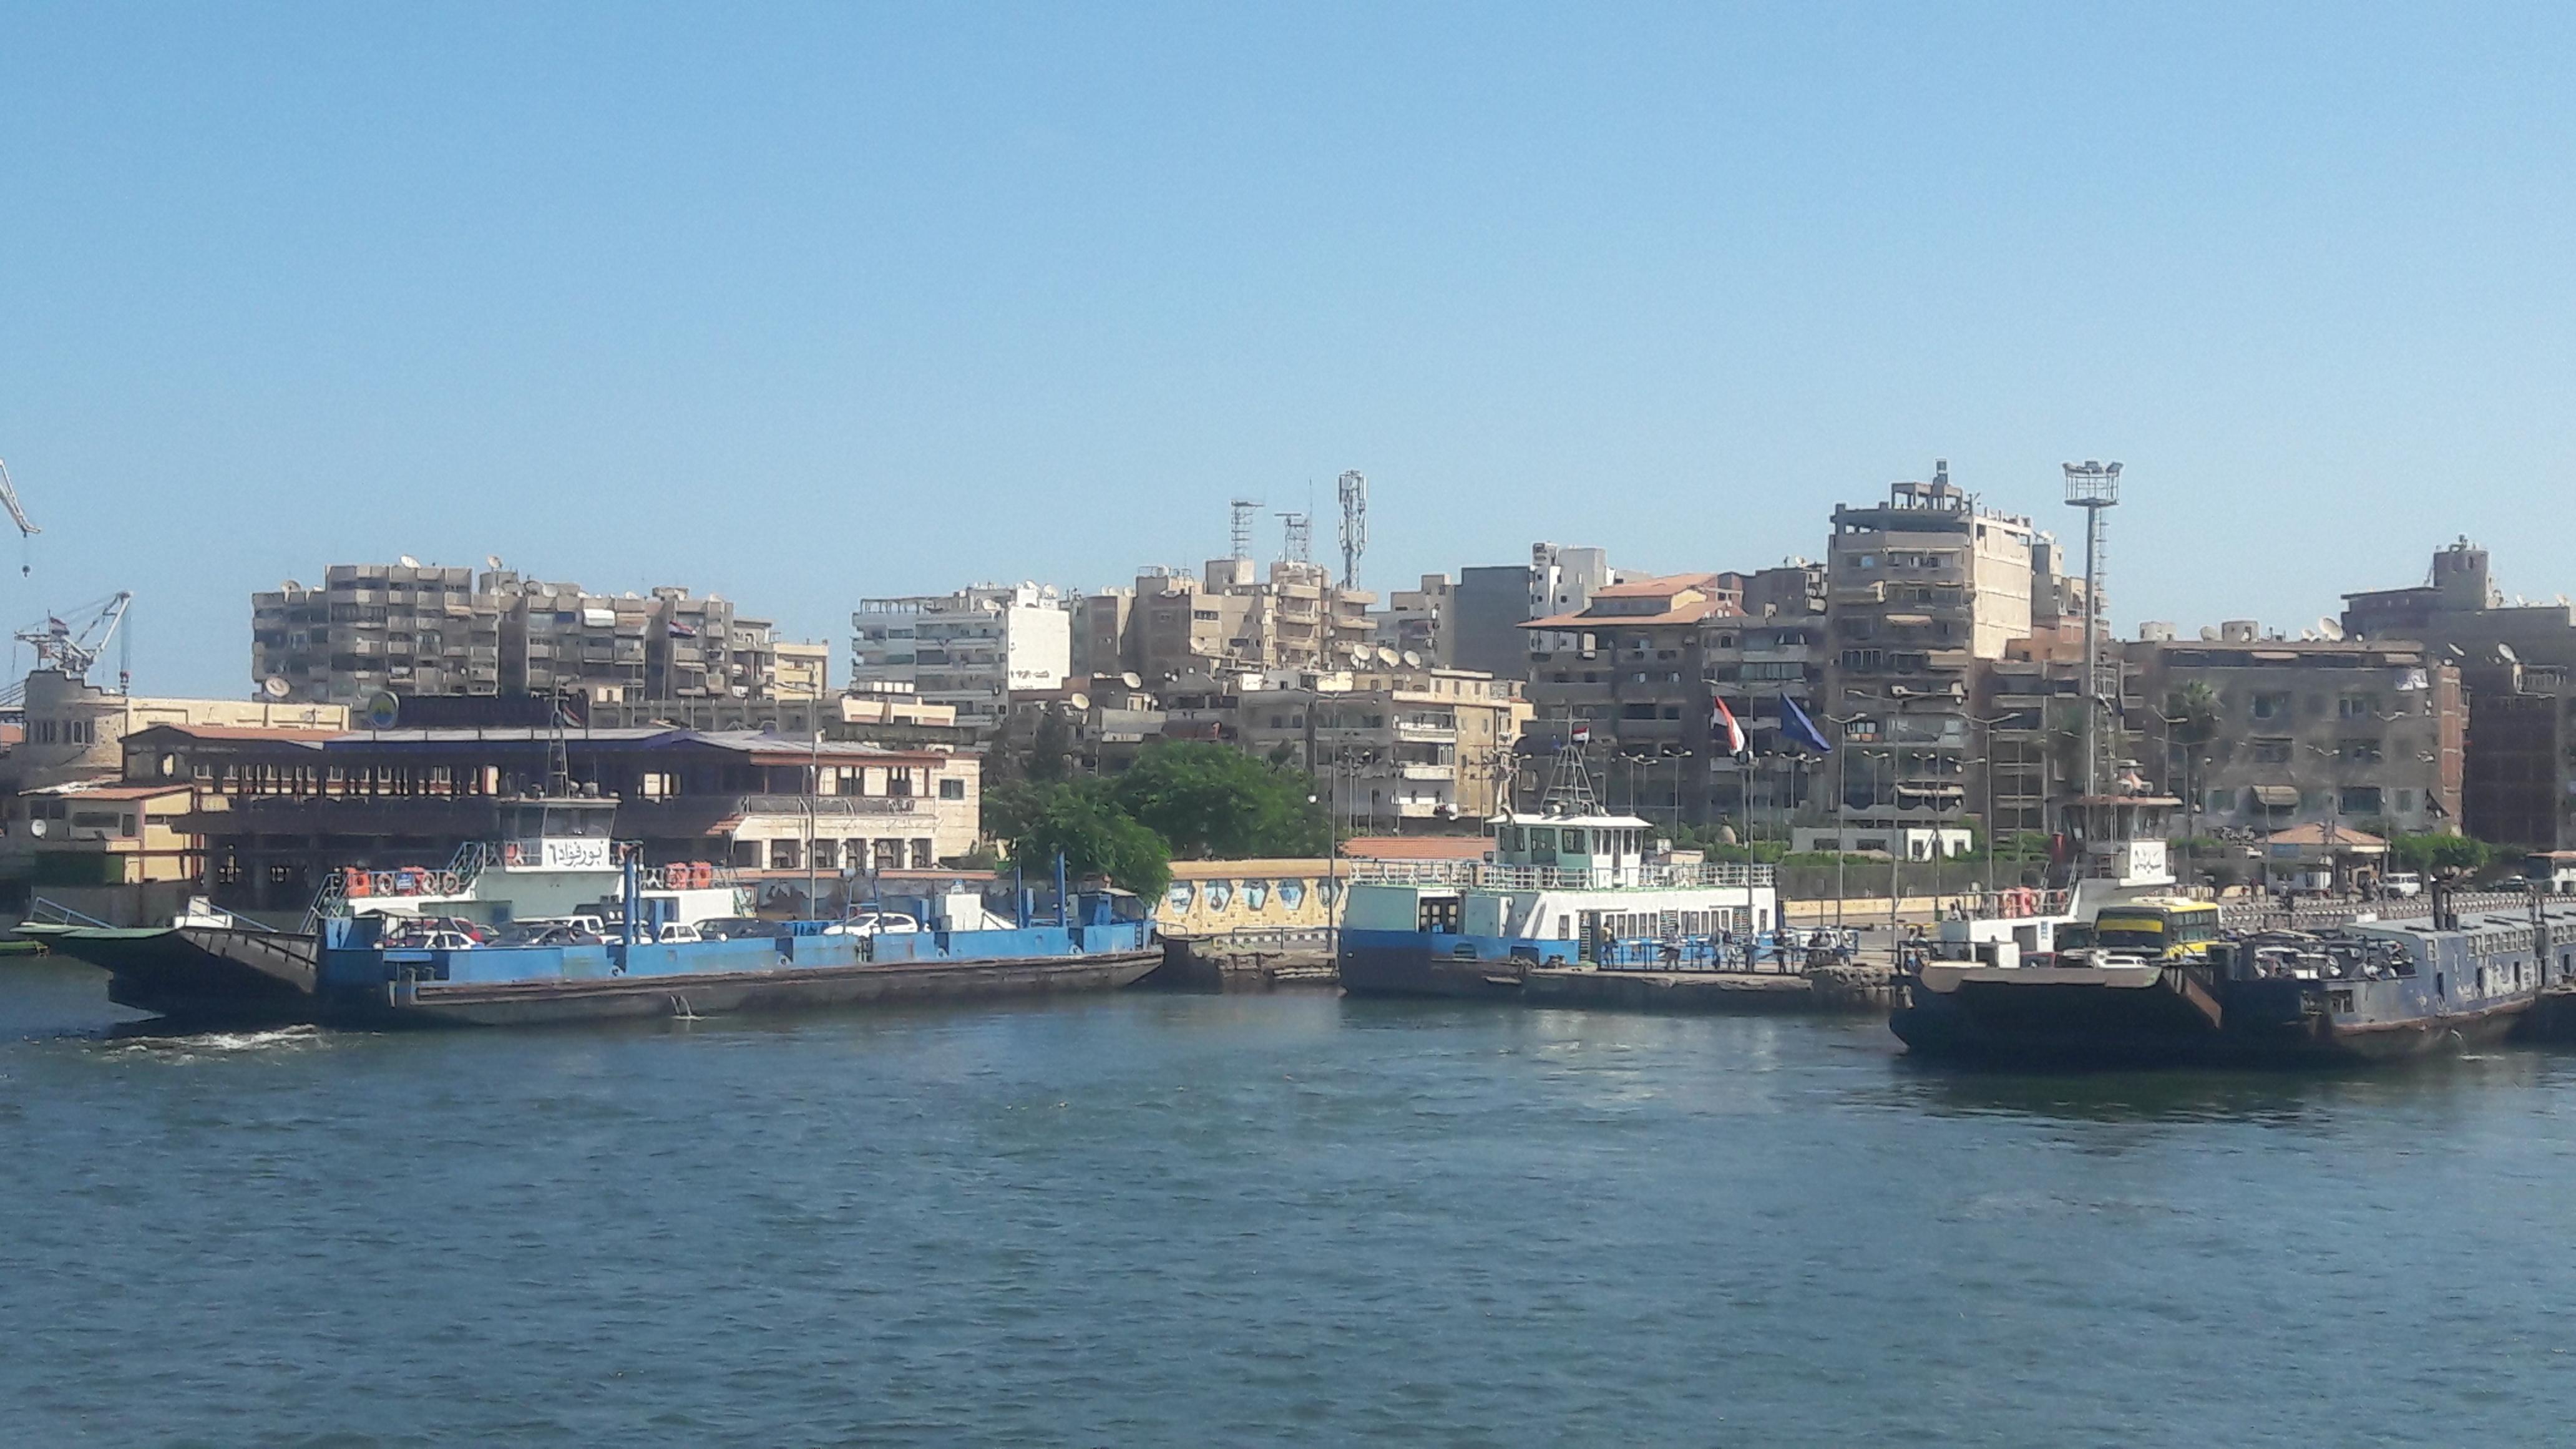 طقس معتدل دافئ على مدينتى بورسعيد وبورفؤاد  (3)